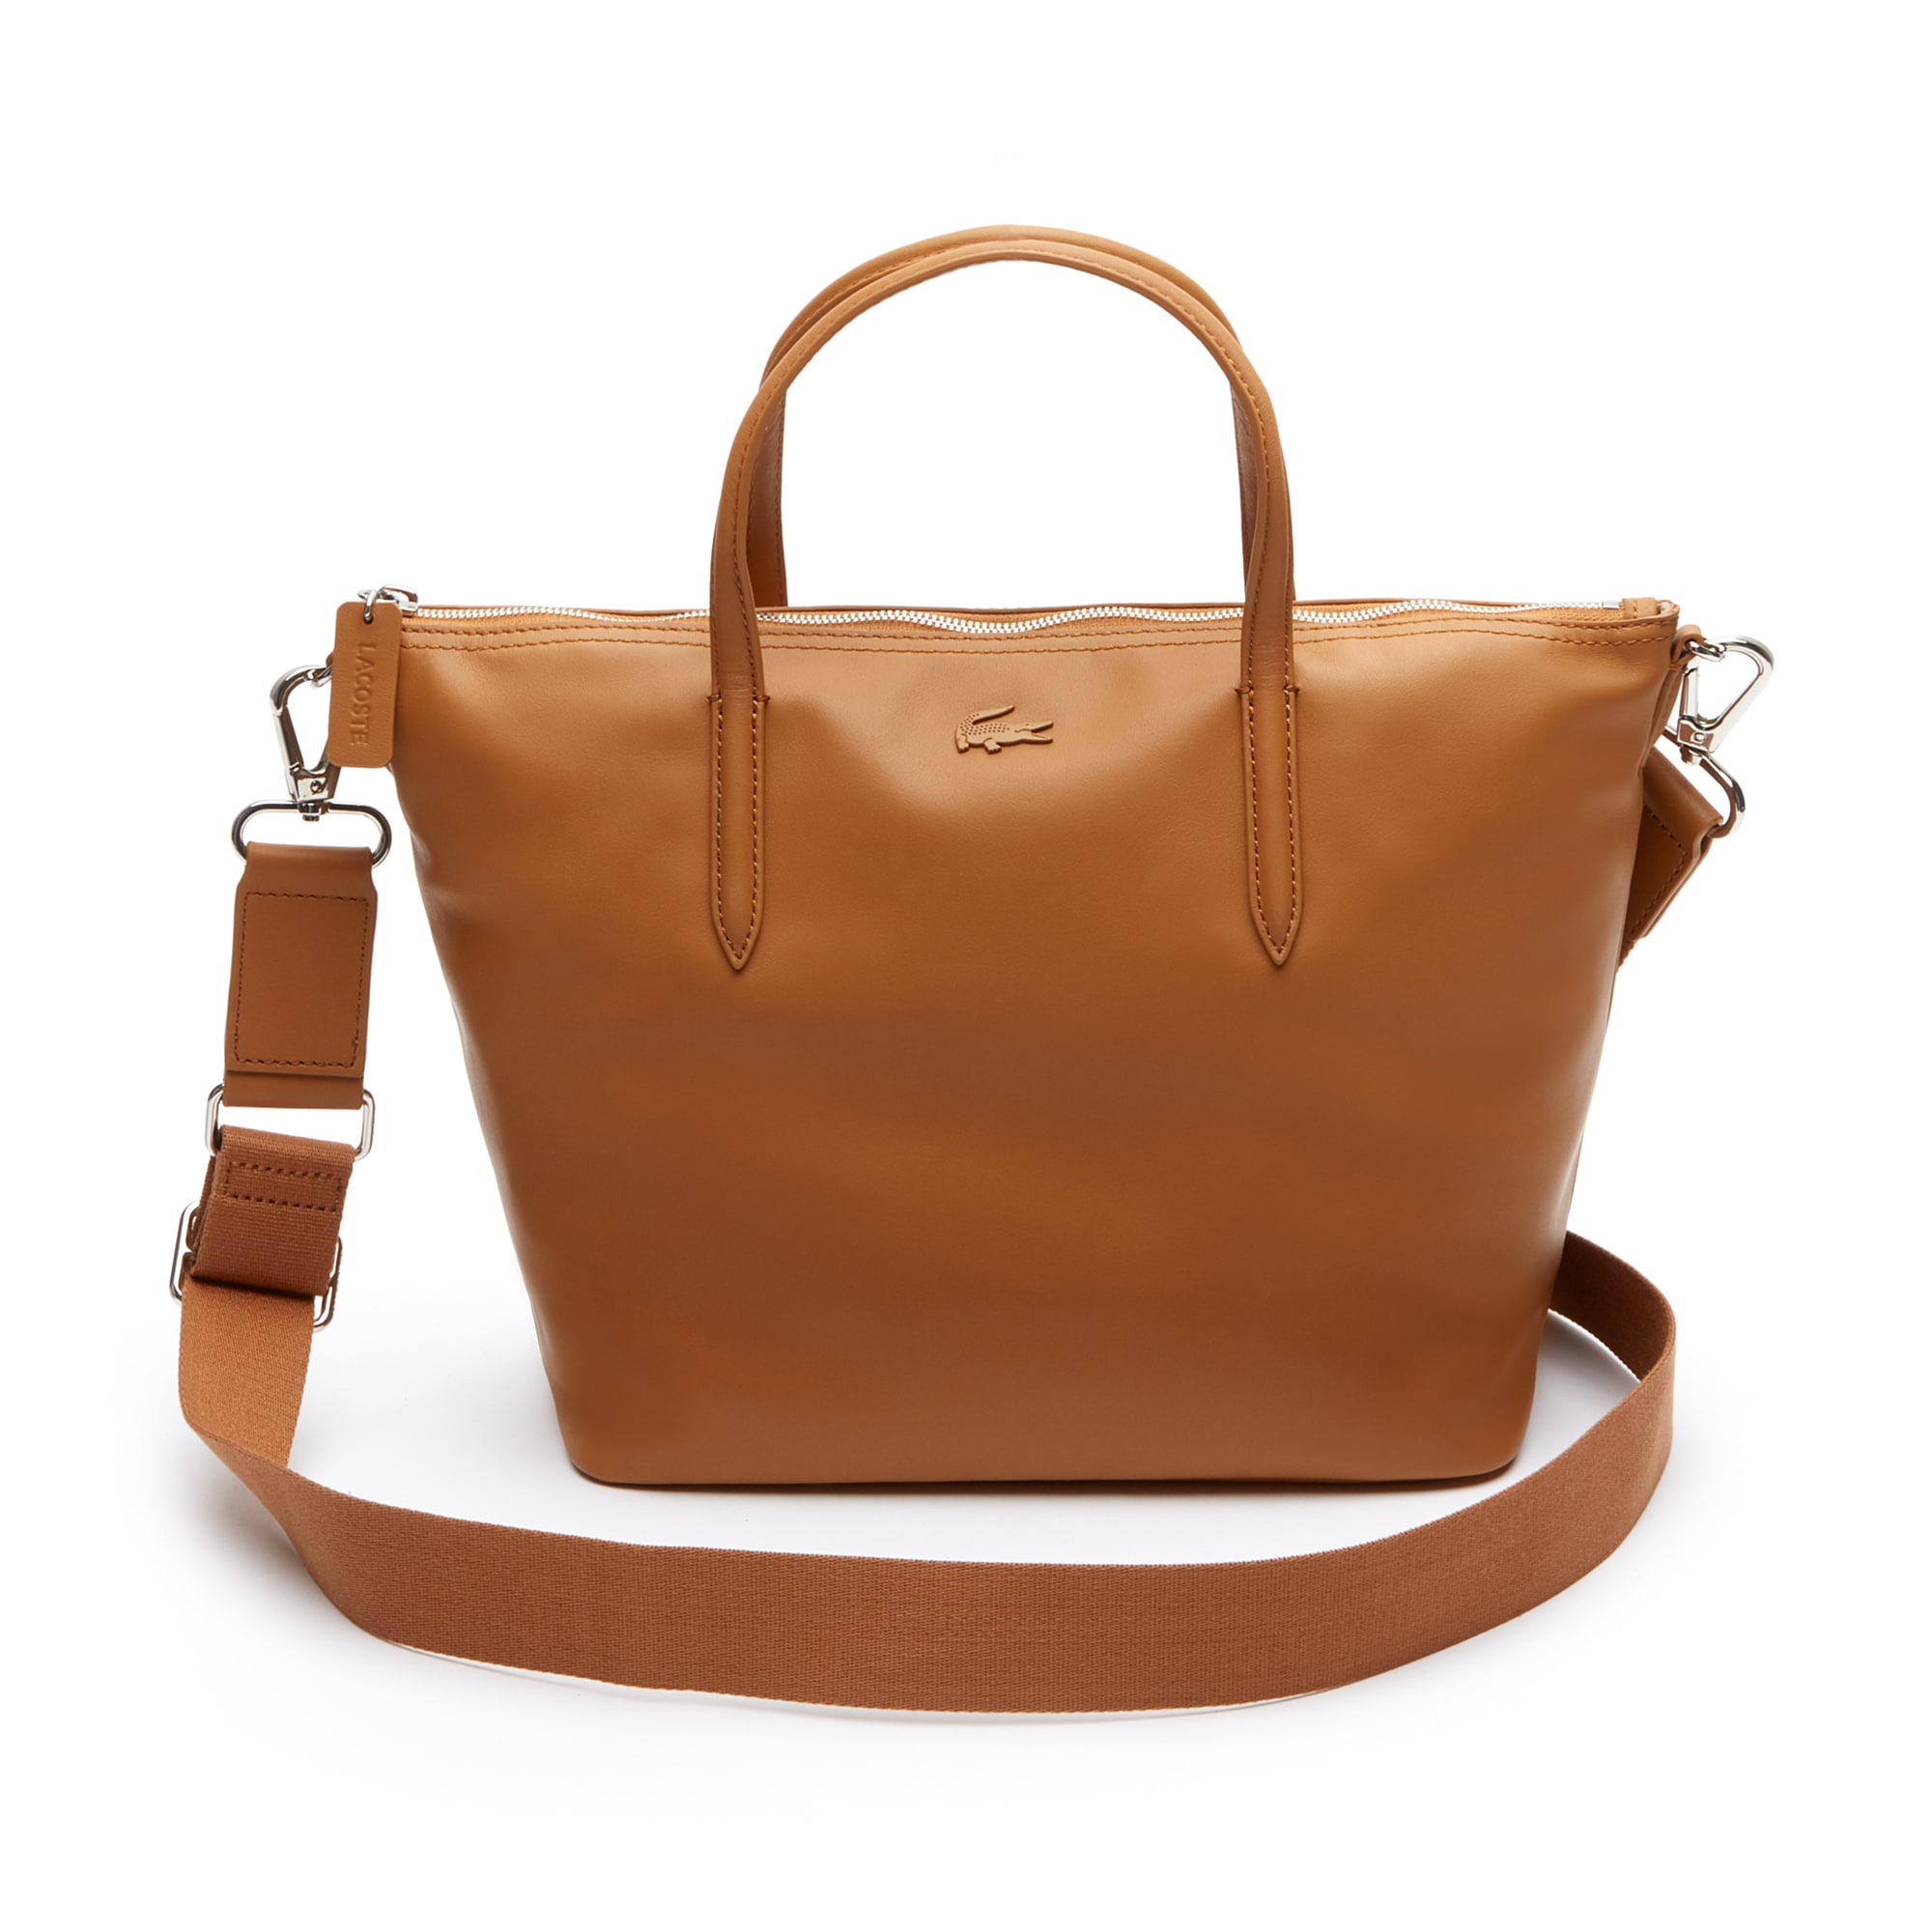 Shopping bag con cerniera in pelle L.12.12 da donna